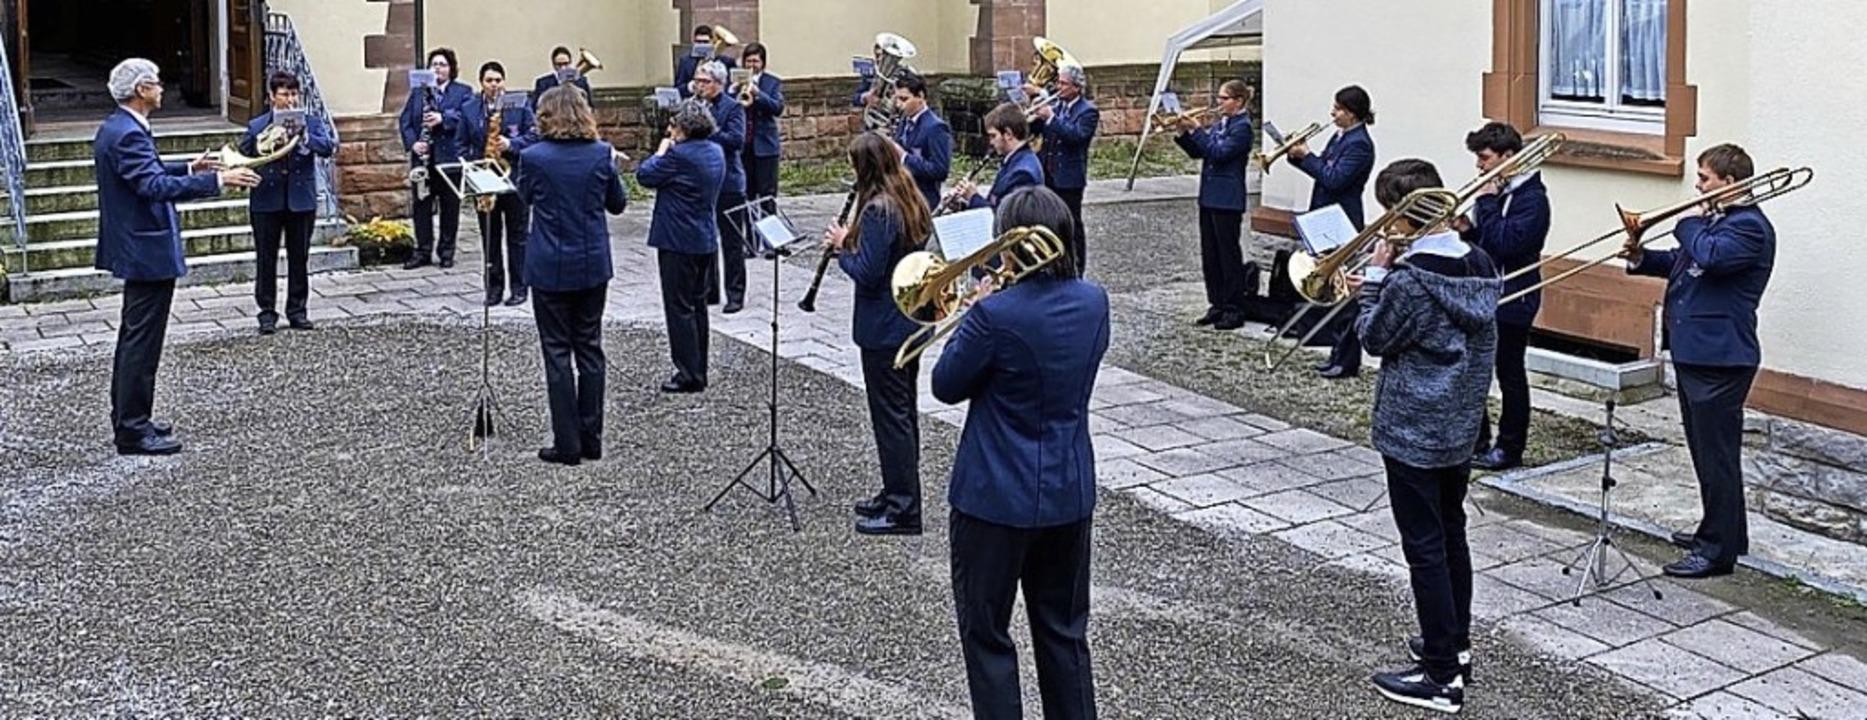 Da auch bei Auftritten im Freien die A...flingen  in reduzierter Formation auf.  | Foto: Hans Loritz